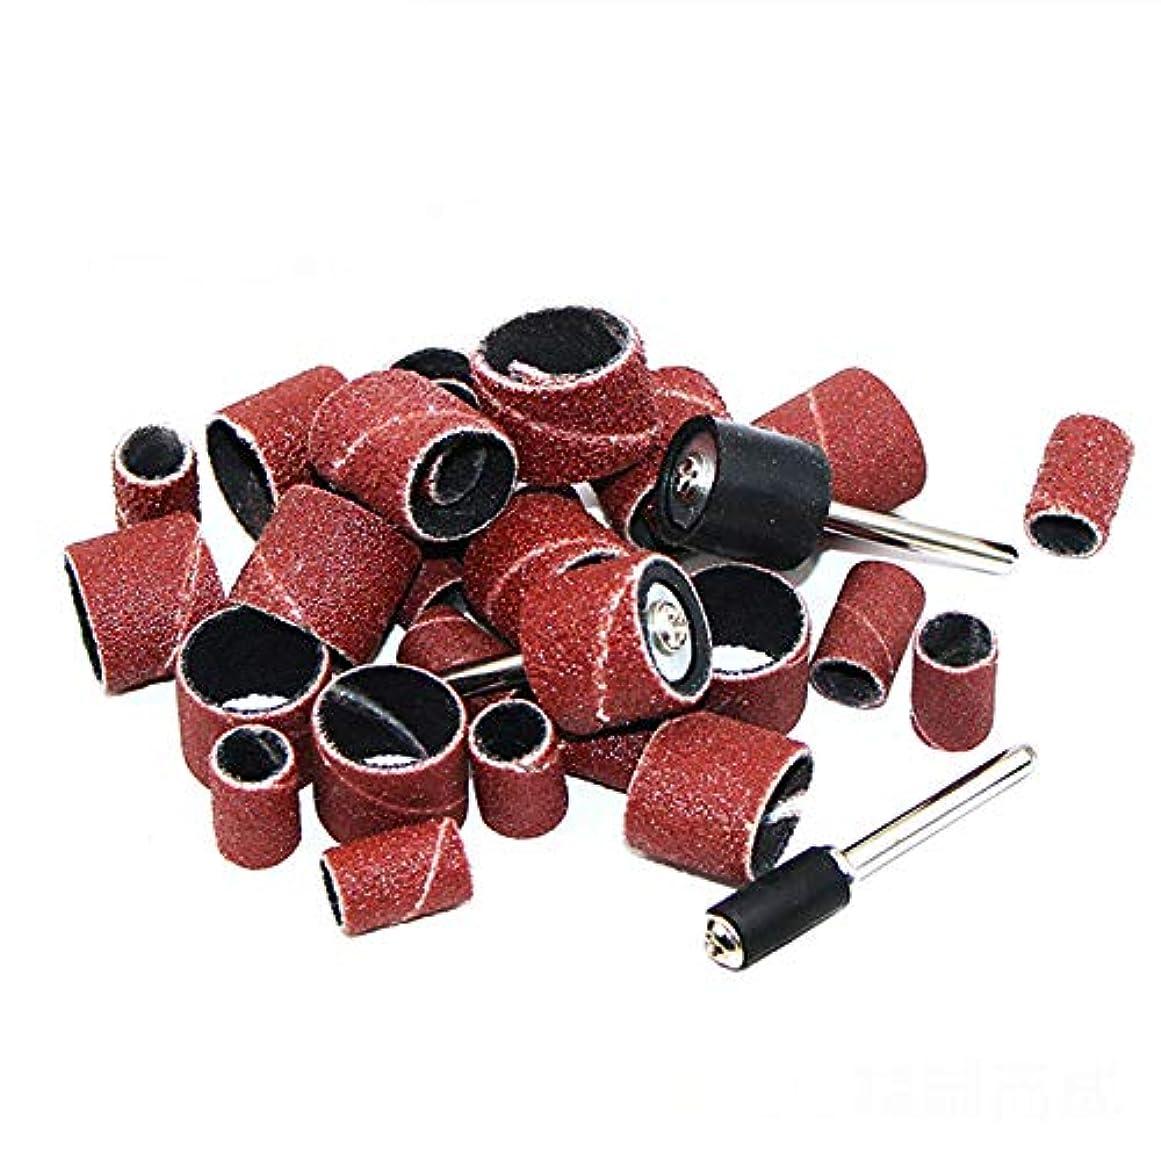 紀元前急いで電話をかけるネイル研削ドリル マニキュア 研削ヘッド セラミック研削ヘッド 研削サンディングヘッド 104個 女の子ネイルケア